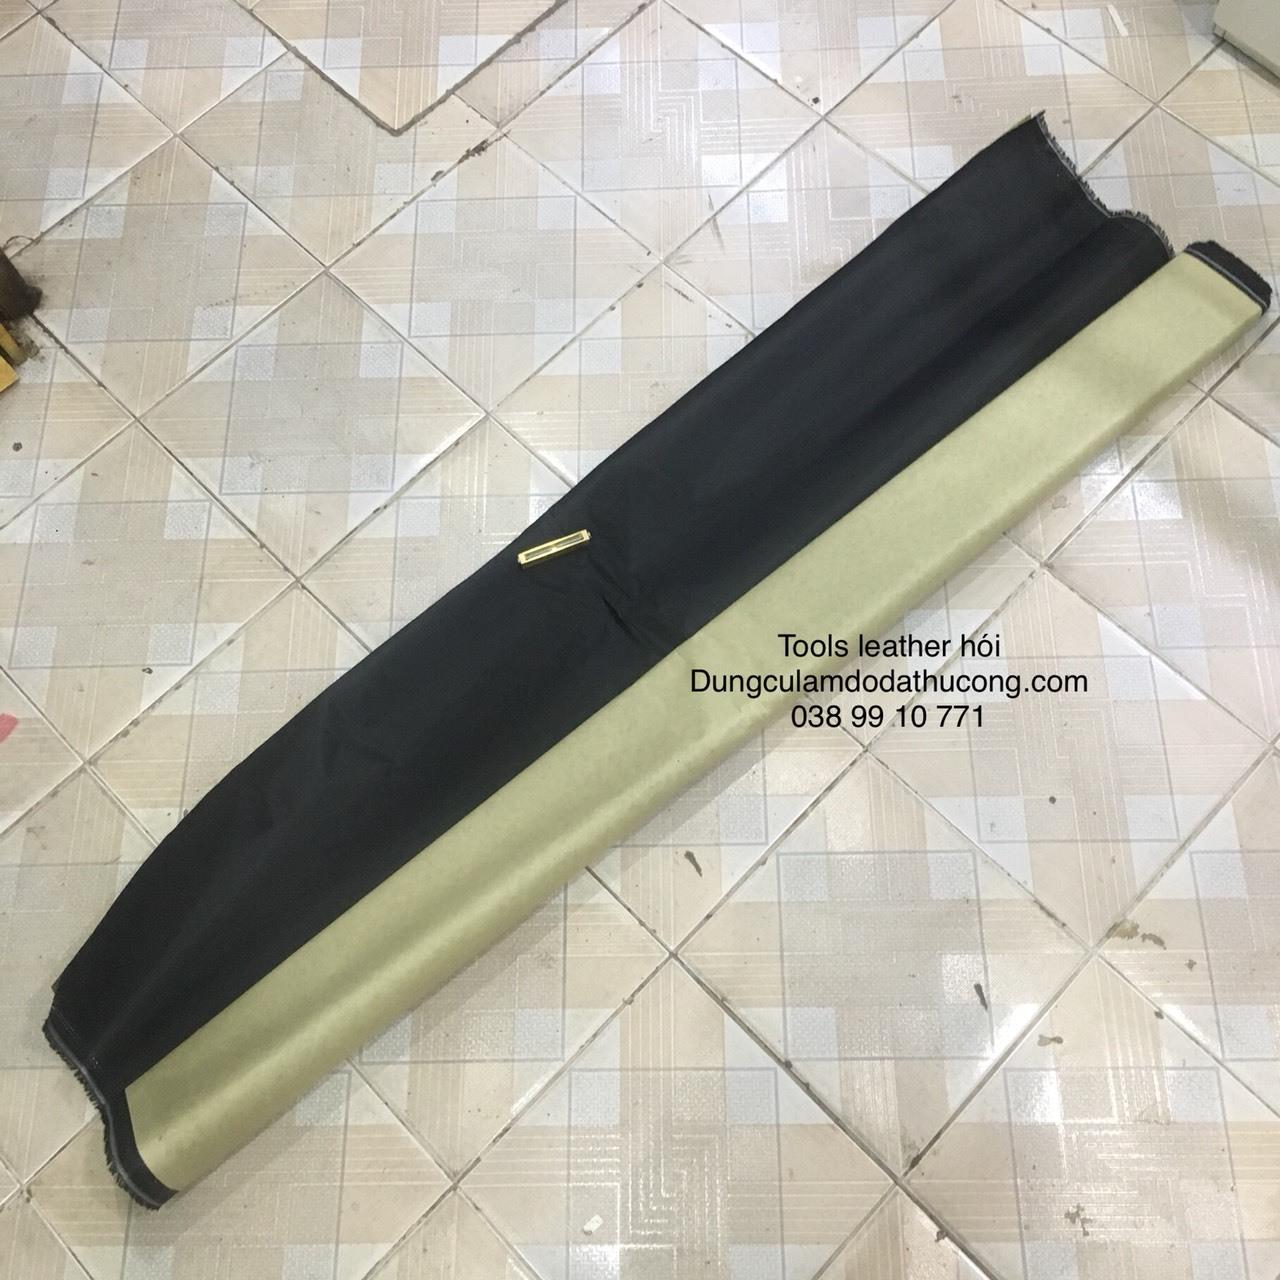 vải chống bai dãn có 1 lớp băng keo sẵn (bán theo mét dài)